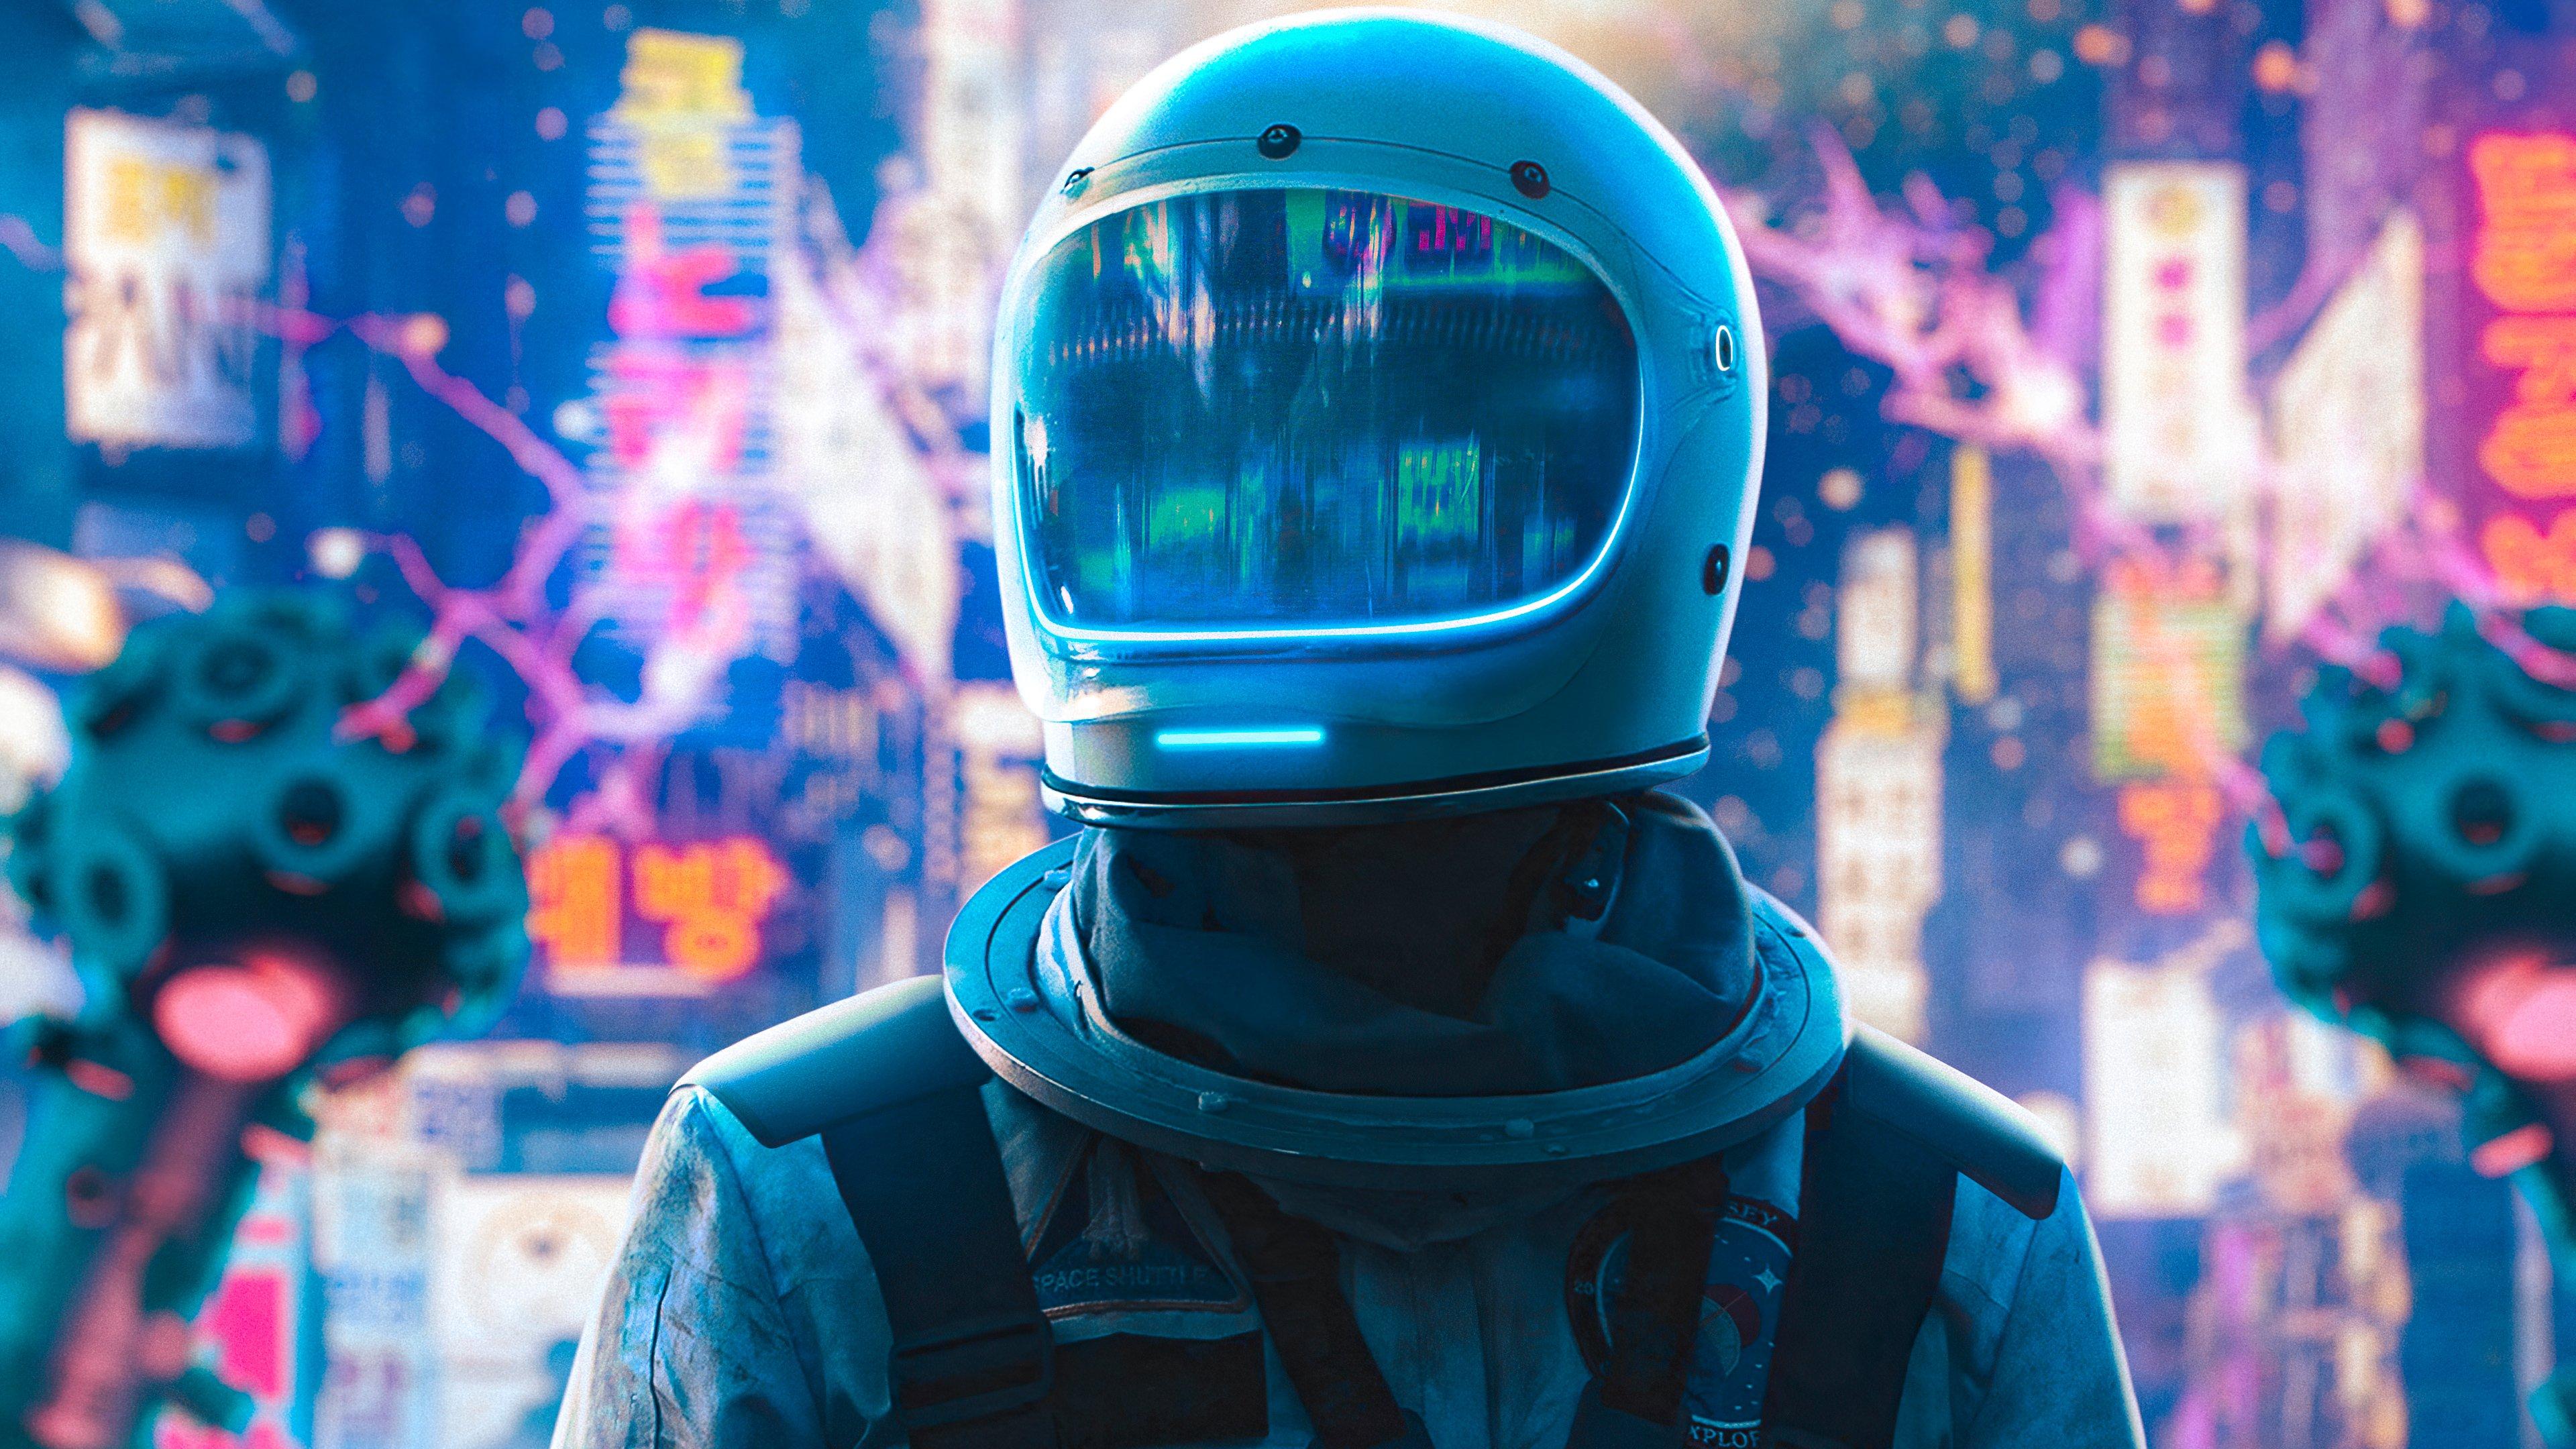 Astronaut In Neon City Wallpaper 4k Ultra Hd Id 5271